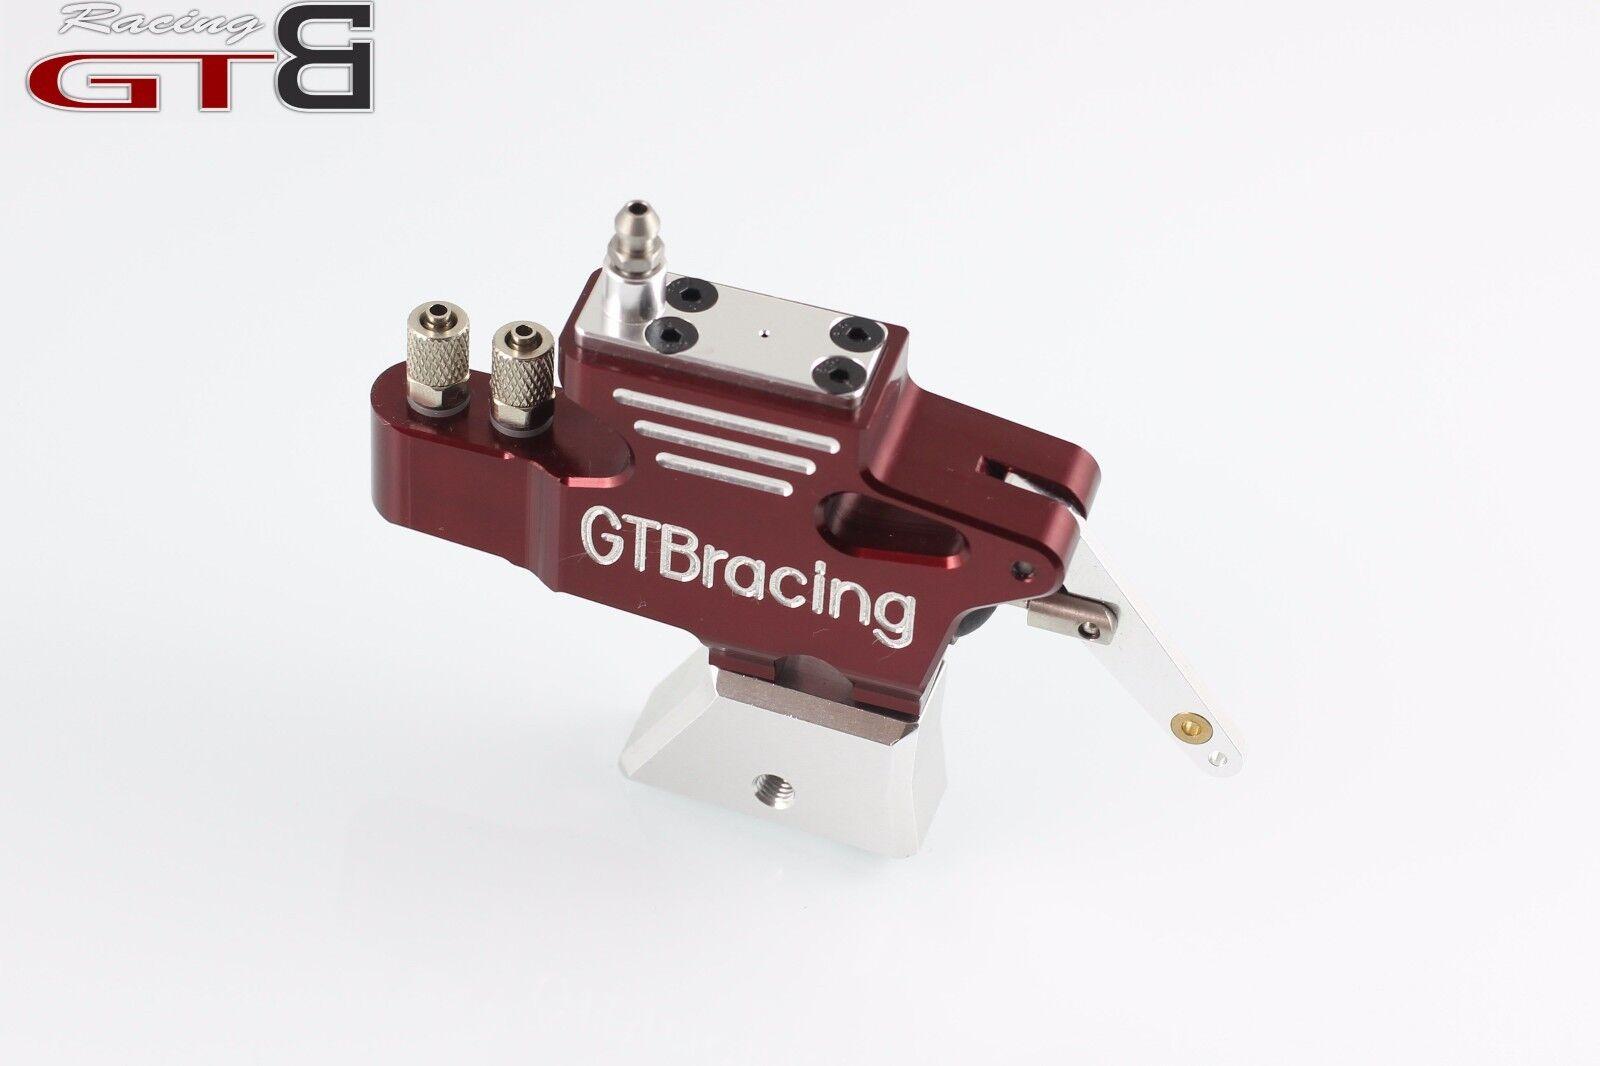 GTBRacing hpibaja four wheel brake main pump